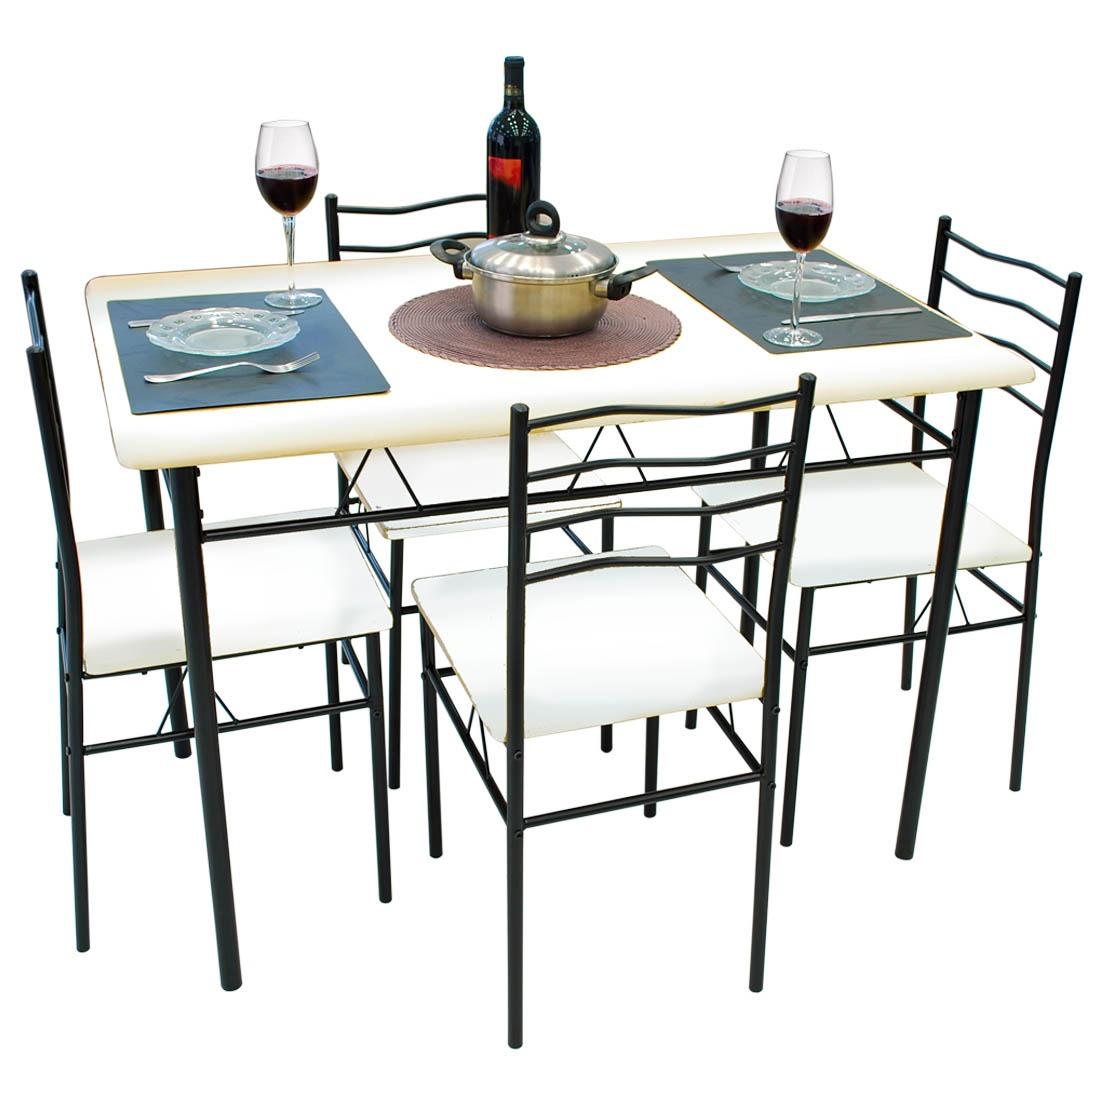 Mesa De Jantar 4 Cadeiras Evidence Branco Umobili R$ 279 71 no  #694438 1100 1100